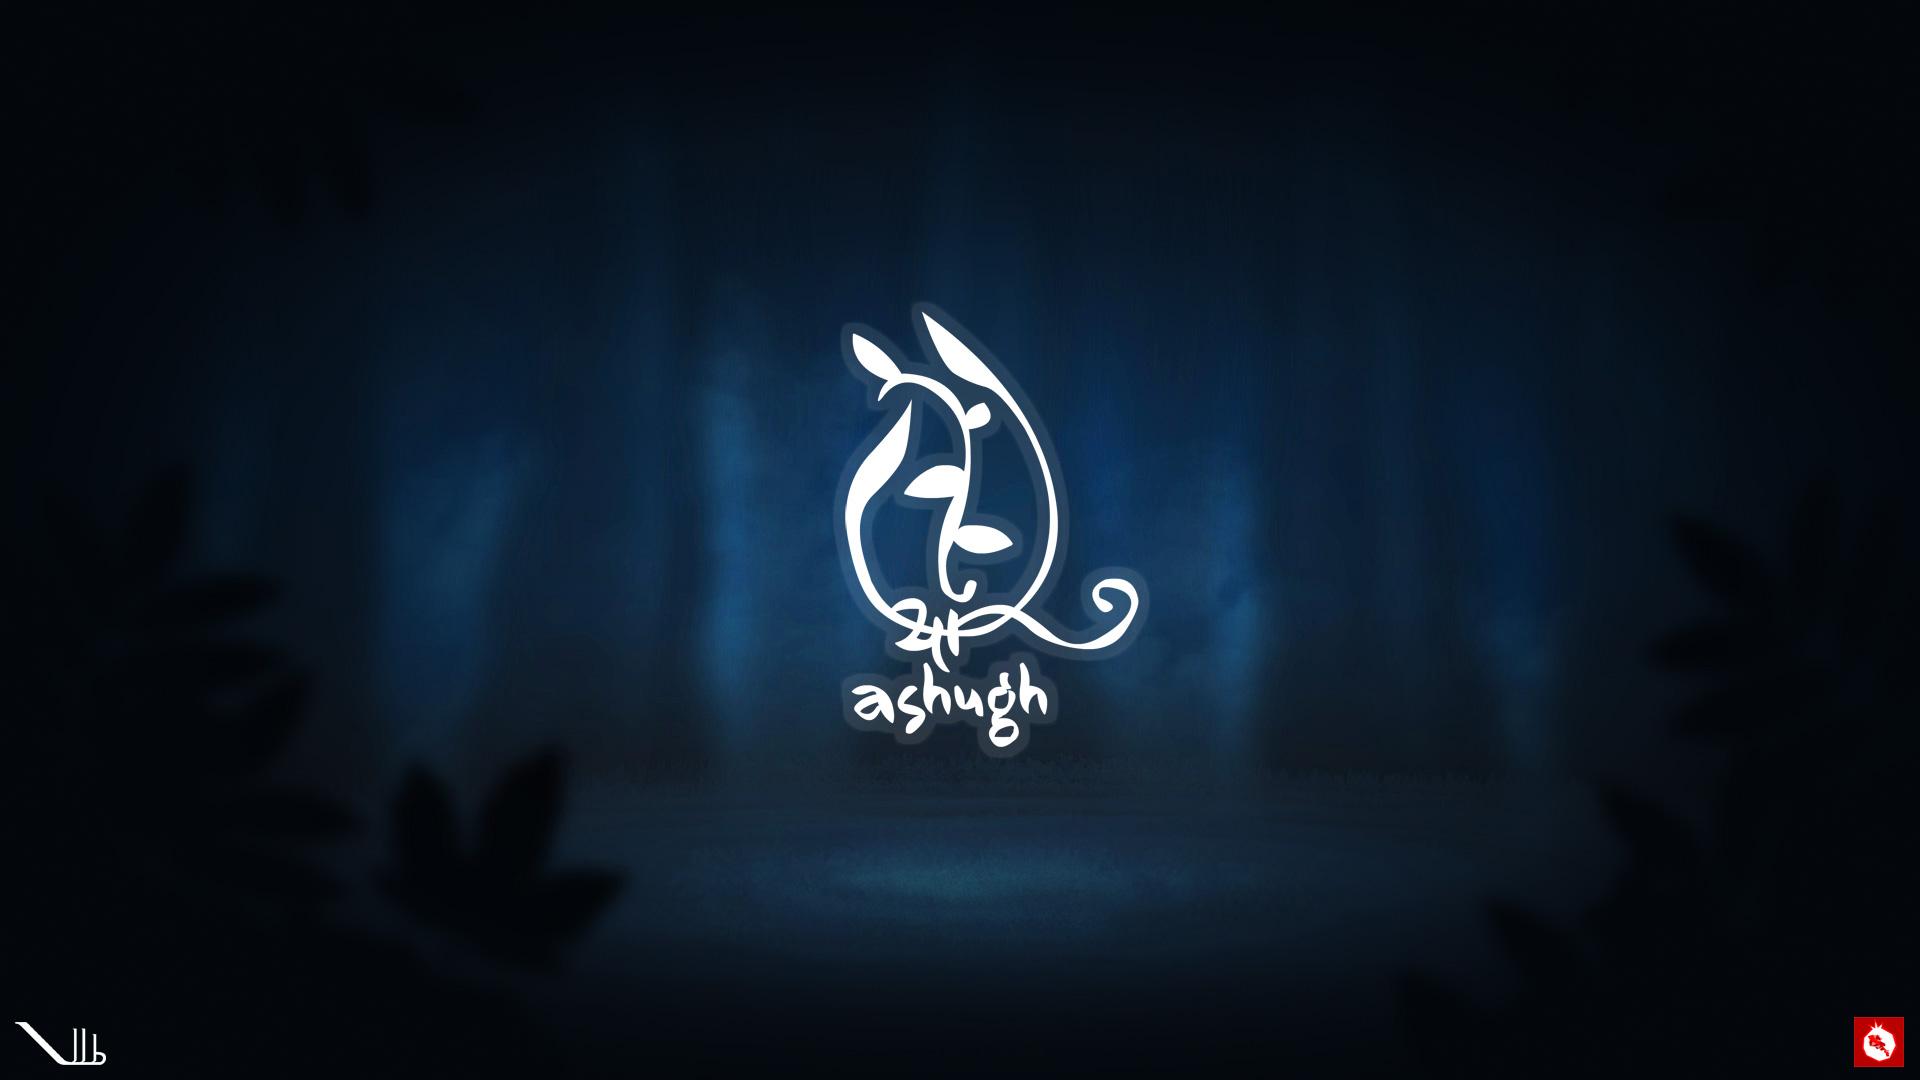 ashugh - աշուղ